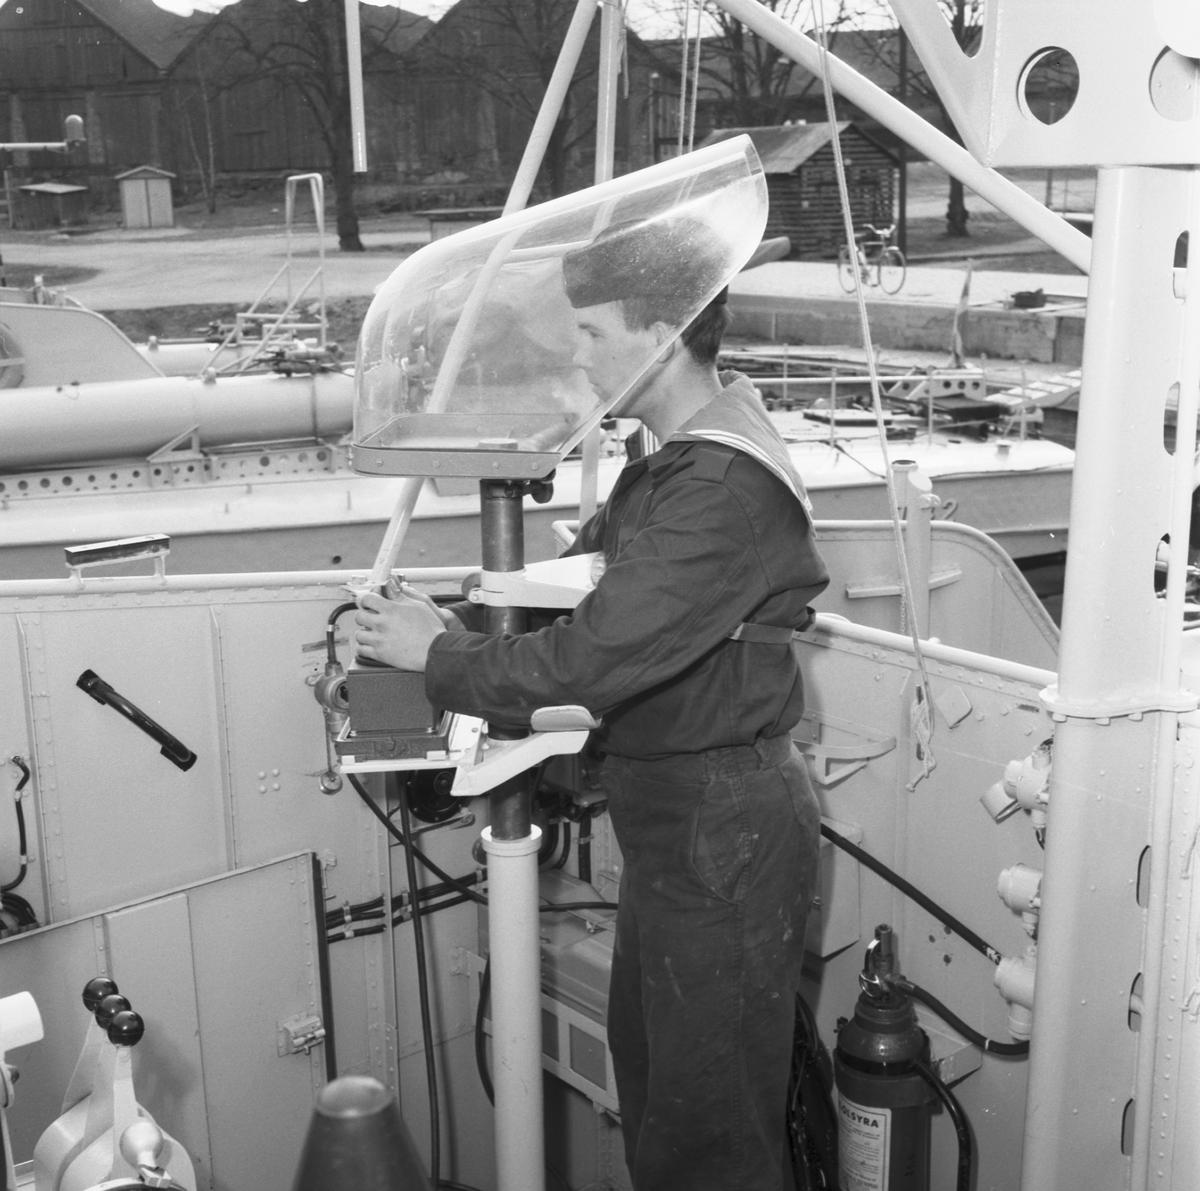 Fartyg: T 47                            Rederi: Kungliga Flottan, Marinen Byggår: 1958 Varv: Kockums Övrigt: Riktstativ och raketställ.